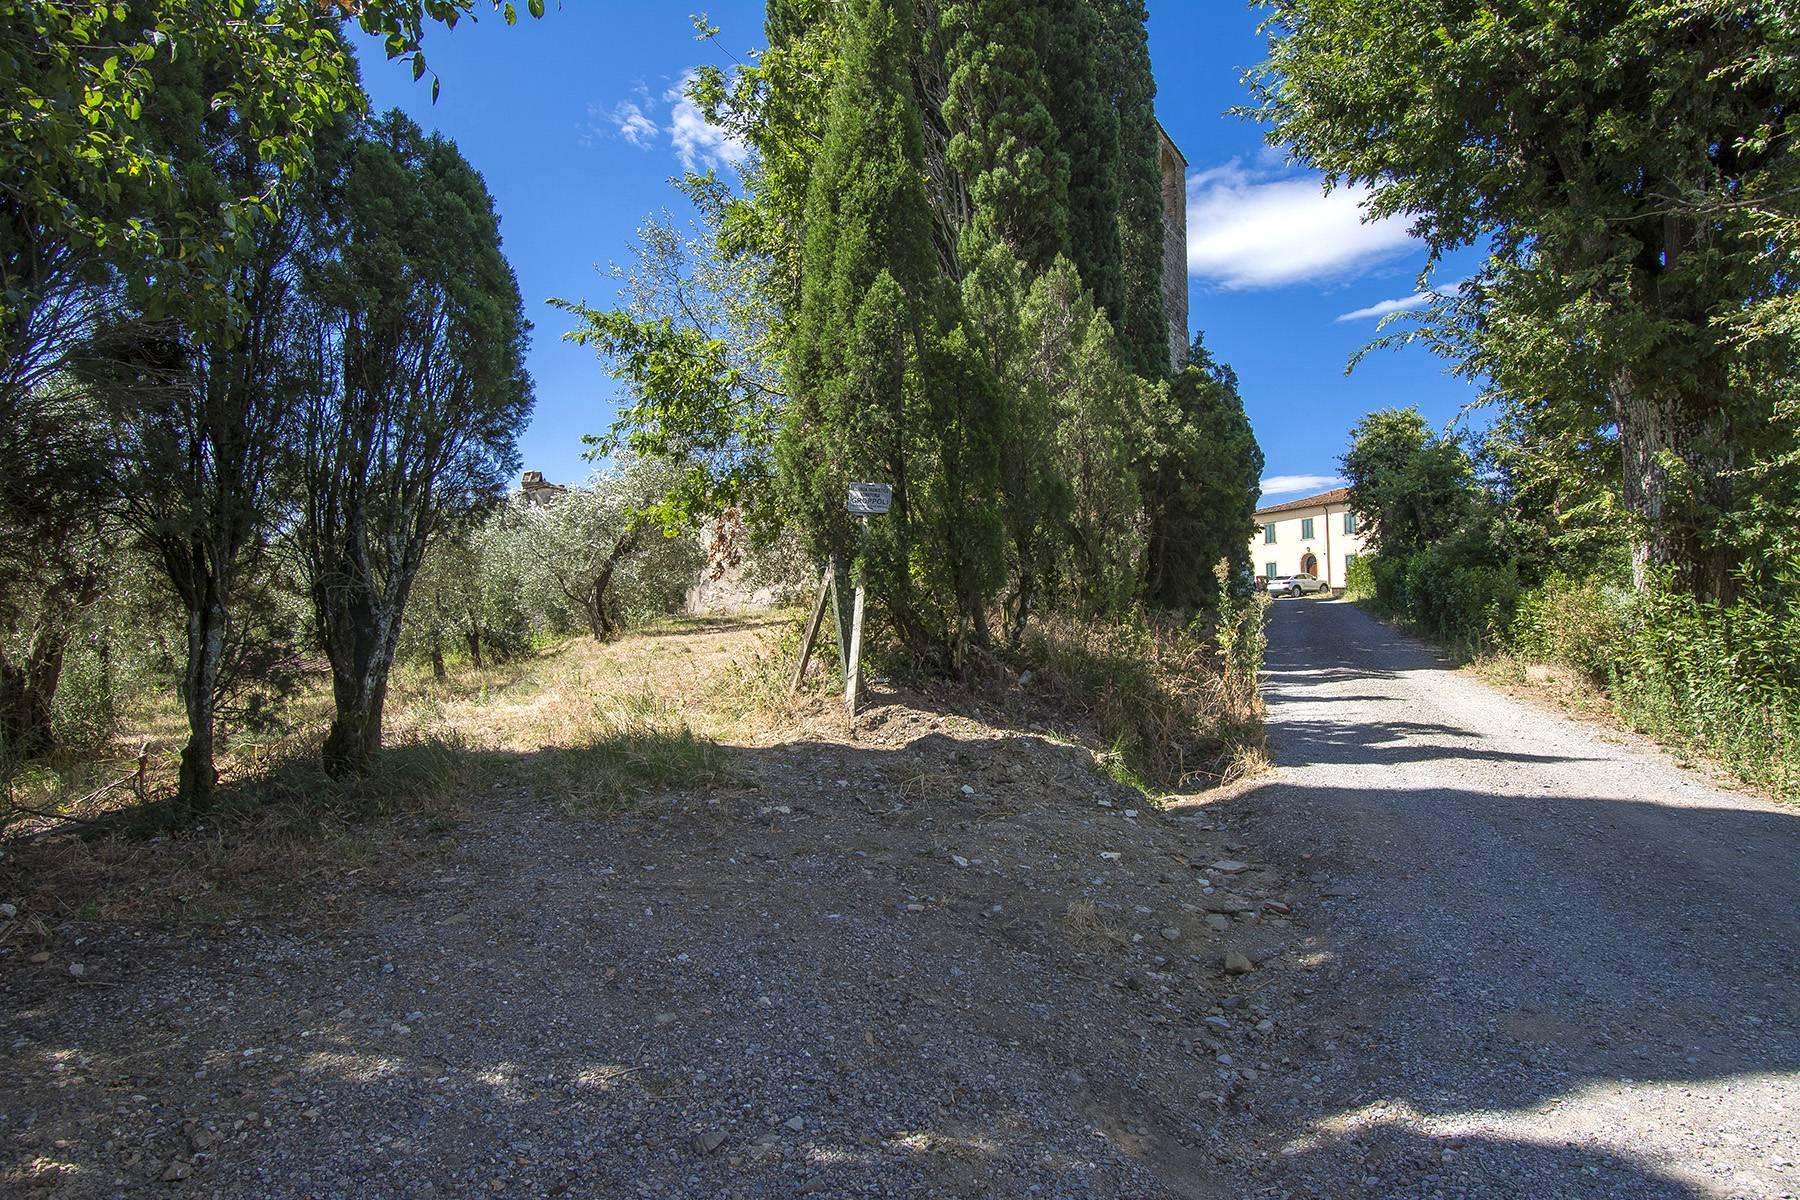 Rustico in Vendita a Pistoia: 5 locali, 650 mq - Foto 20